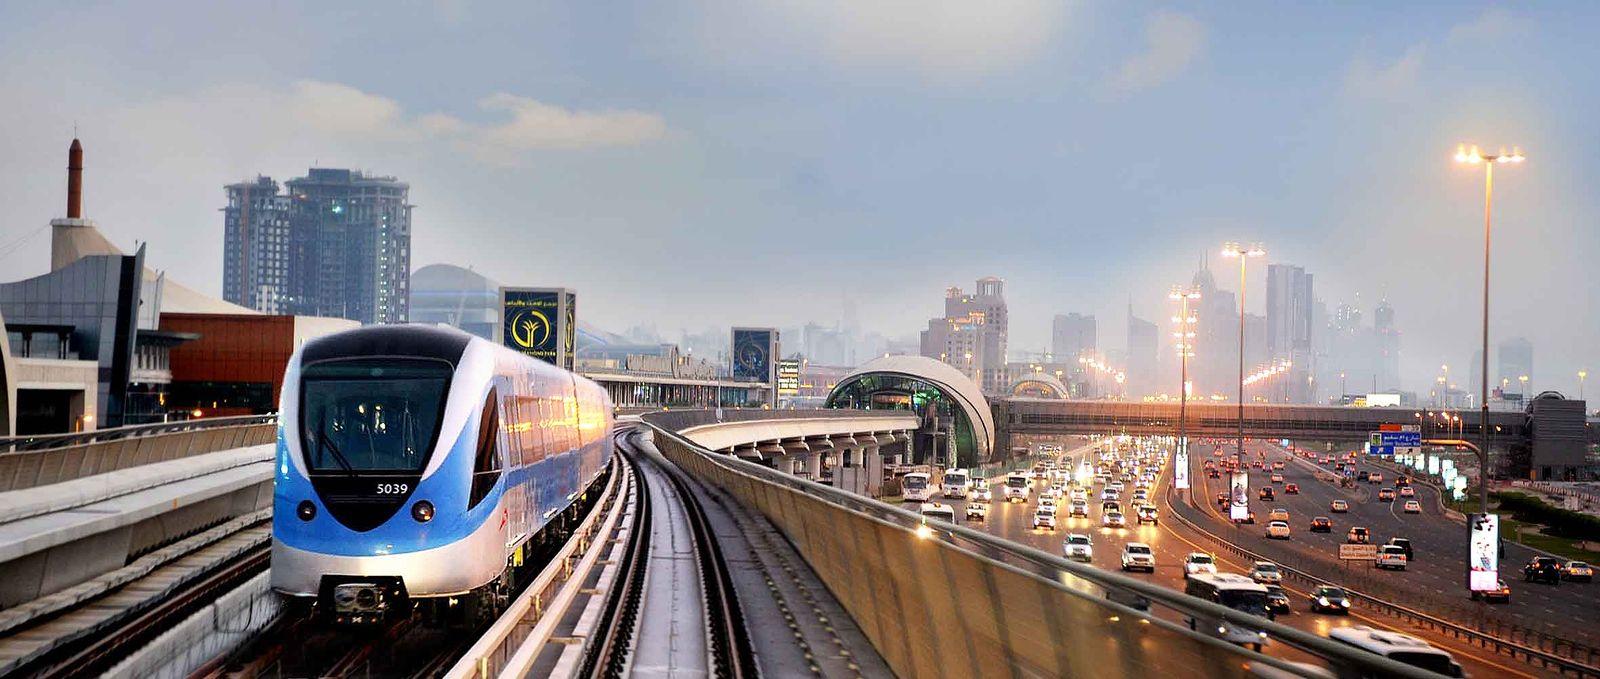 Dubai / Scheikh Zayed Road